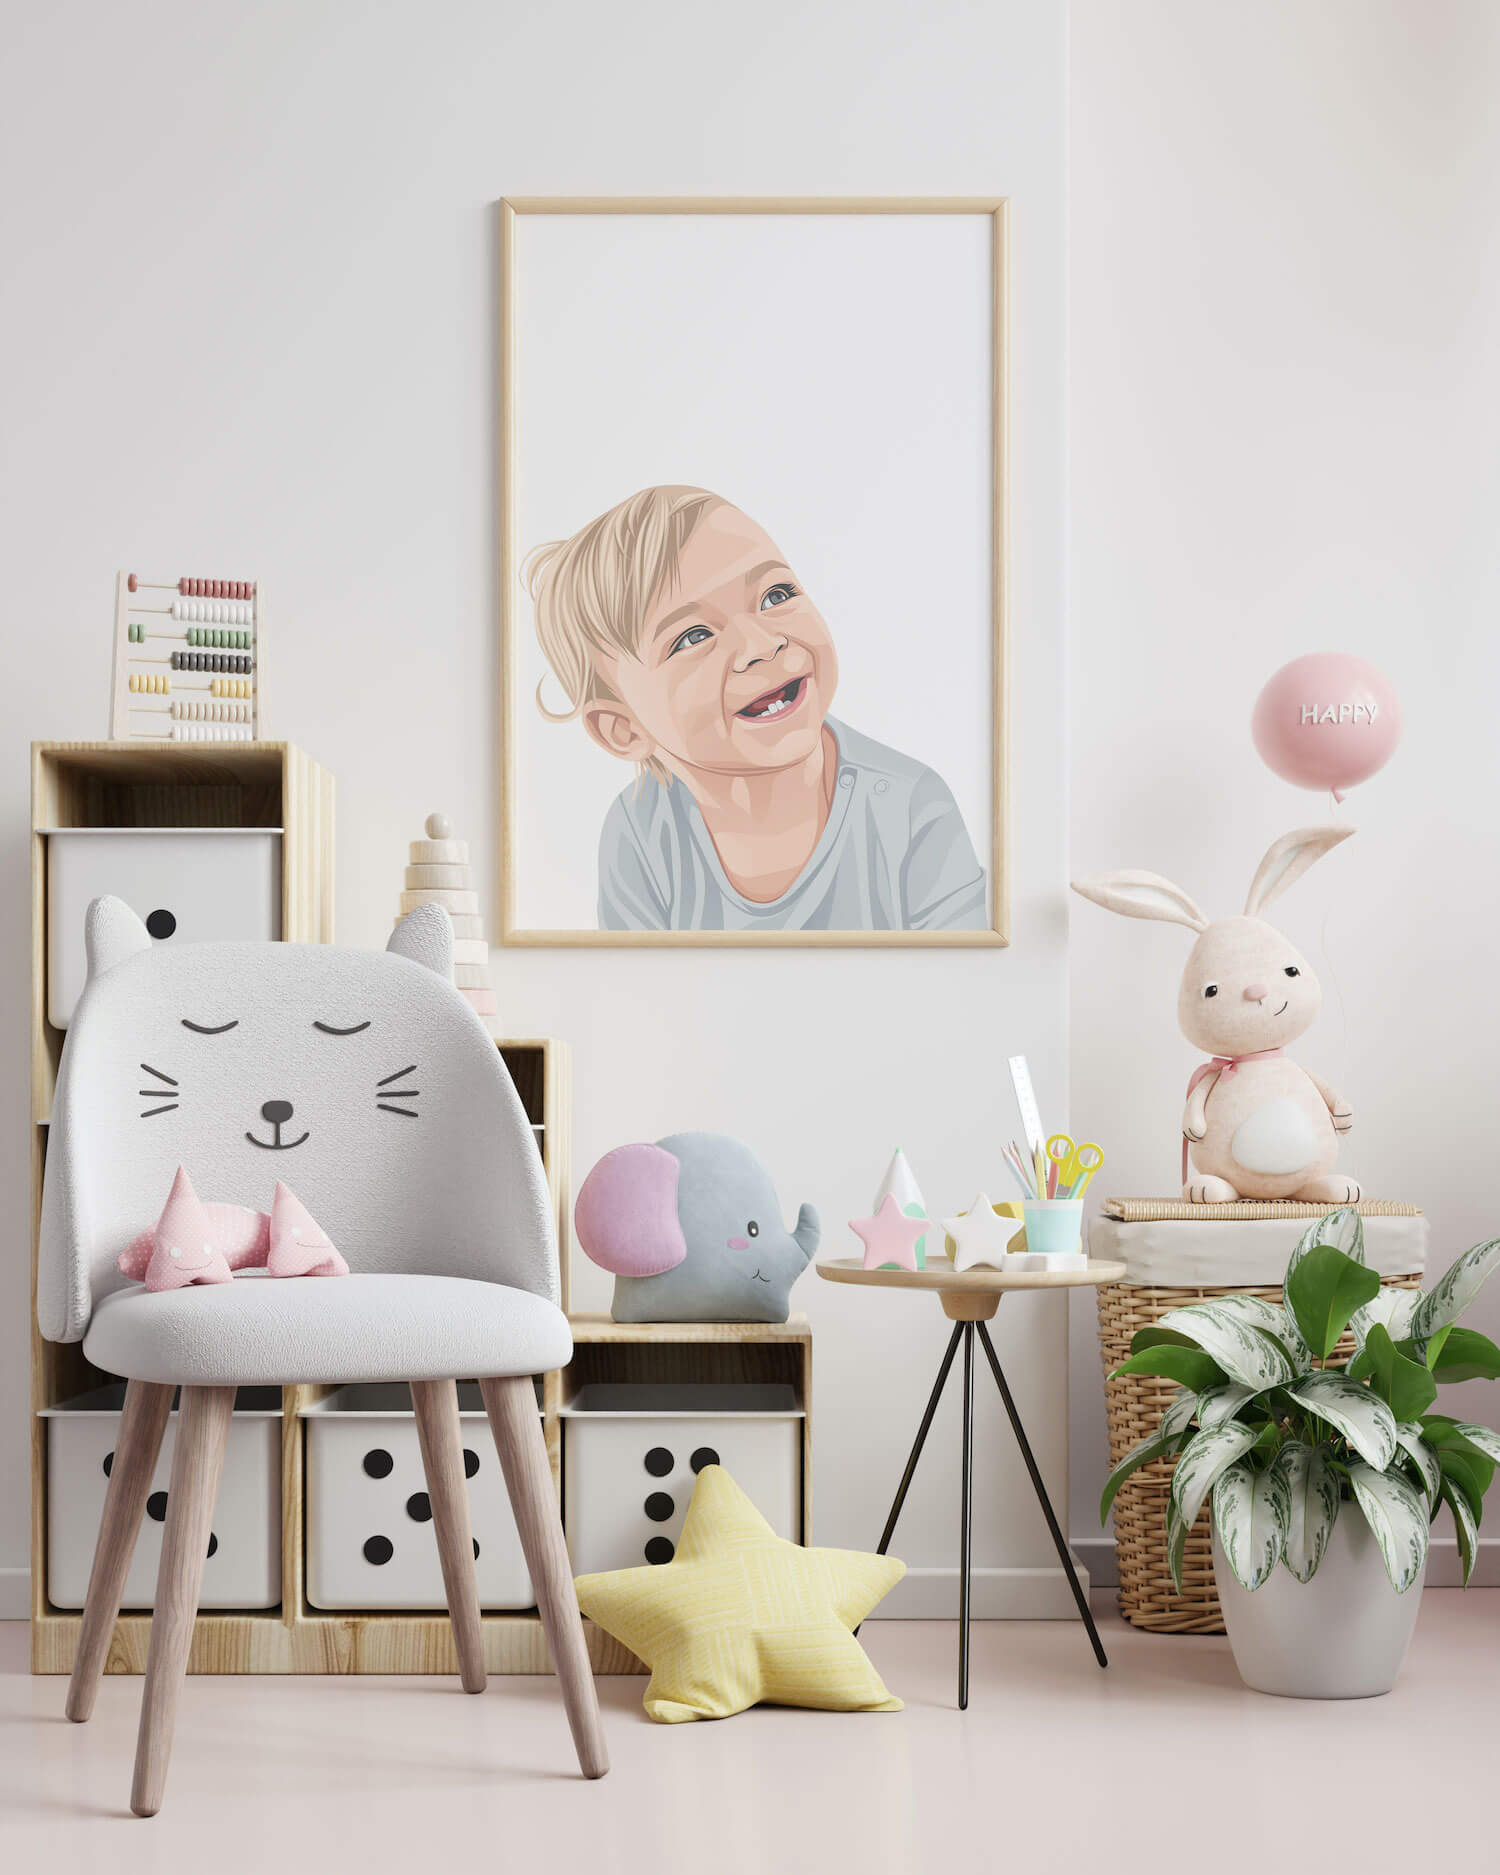 obraz, obraz do detskej izby, obraz dieťaťa, personalizovaný obraz, obraz z fotografie